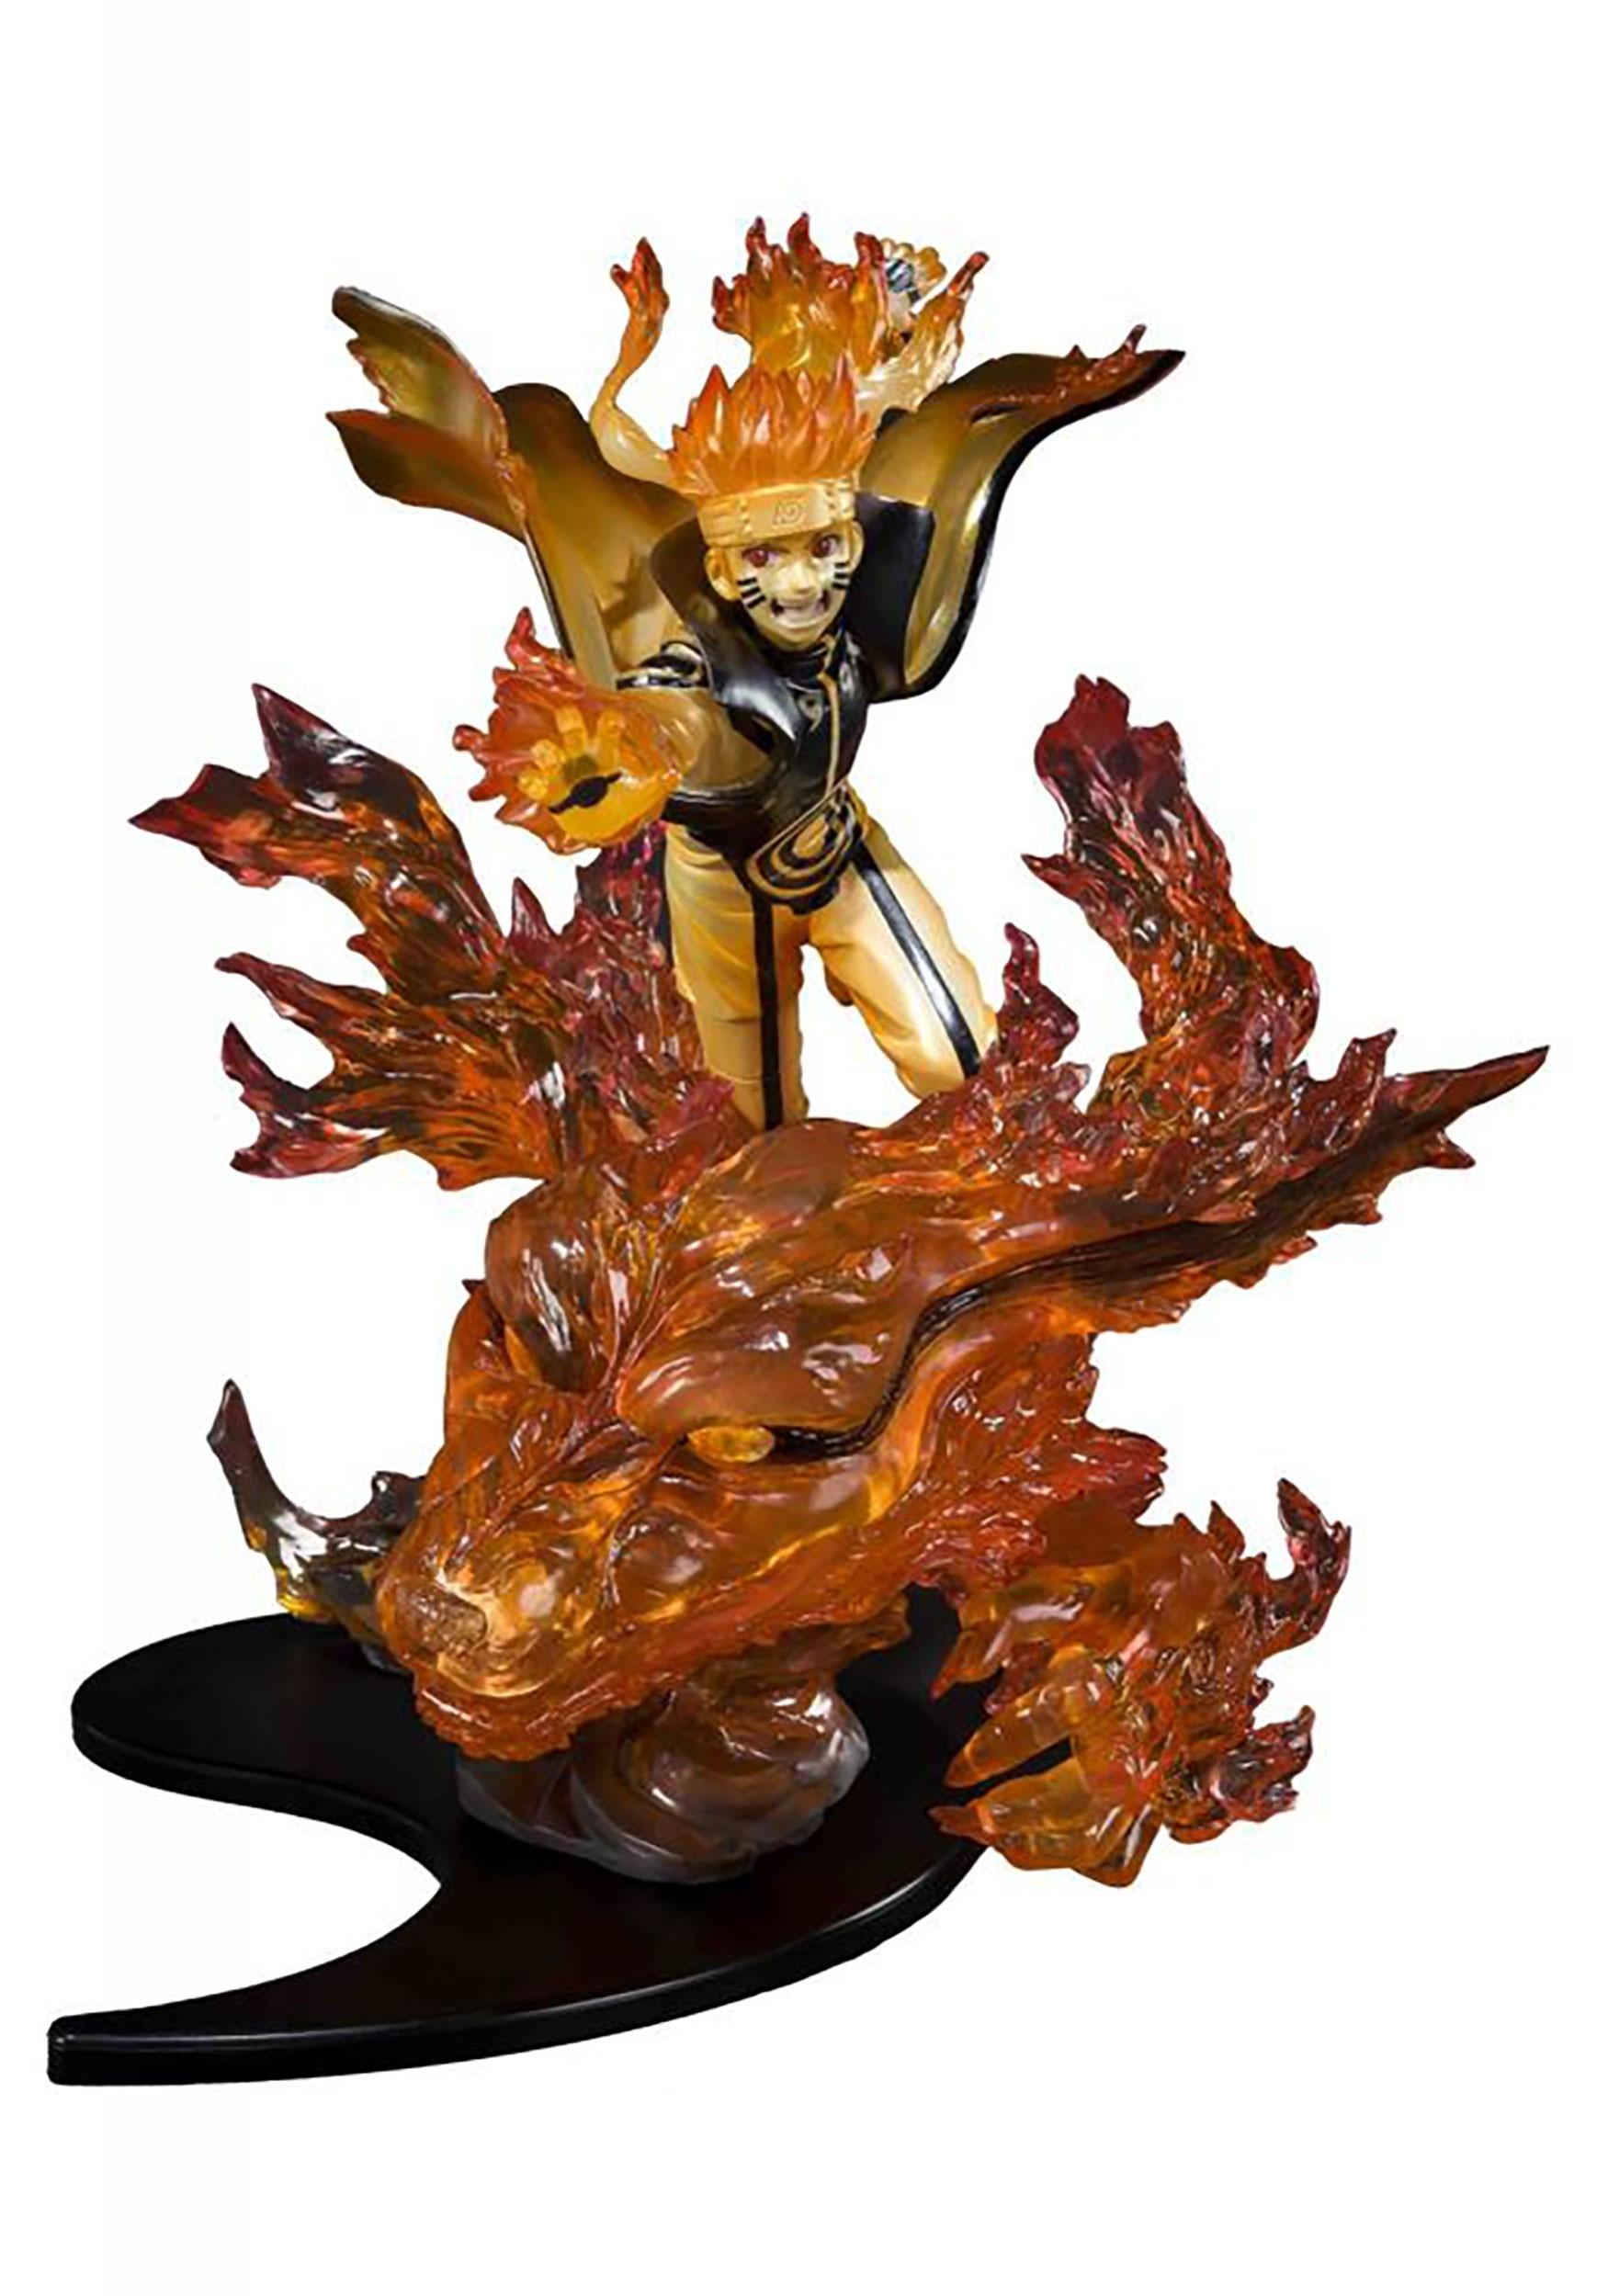 Naruto_Shippuden_Kizuna_Relation_Naruto_Bandai_Statue